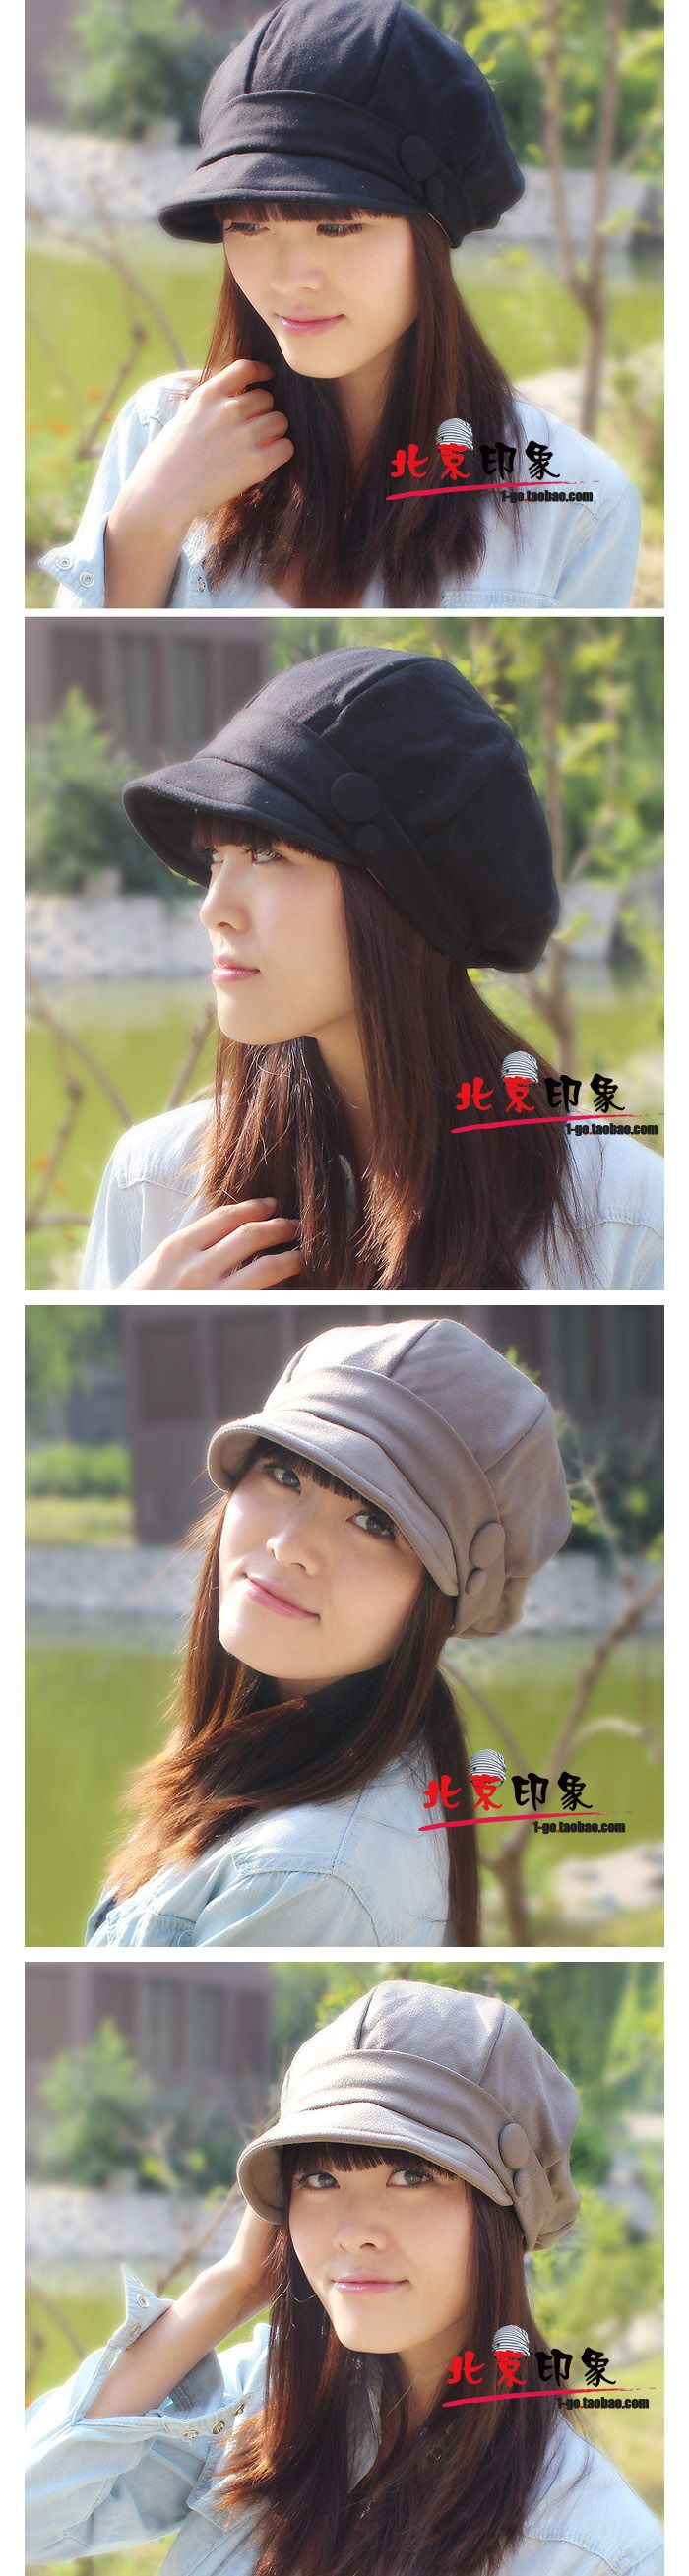 envío gratis sombrero de mujer otoño e invierno moda pequeño cubo sombrero sombreros copa el pato lengua boina grandes y pequeños en Sombreros de cubo de Moda y Complementos en AliExpress.com | Alibaba Group